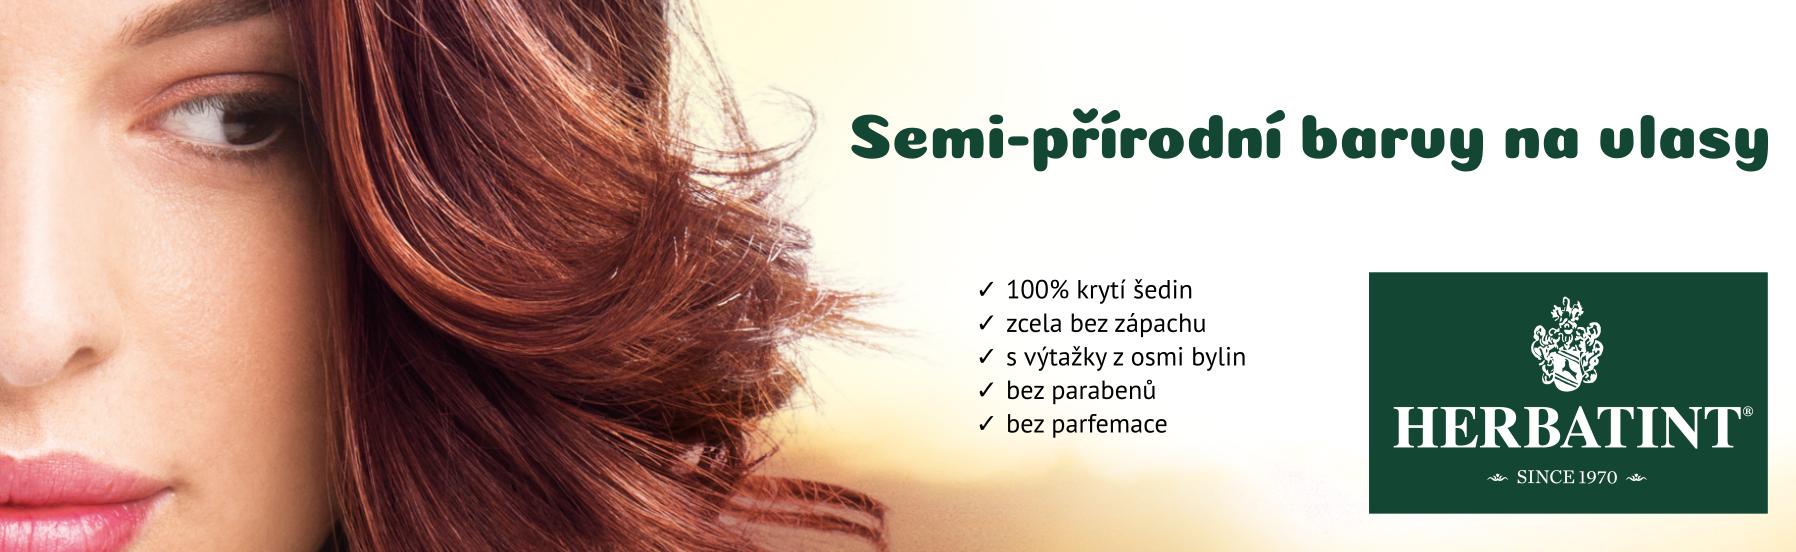 Semi-přírodní barvy na vlasy Herbatint